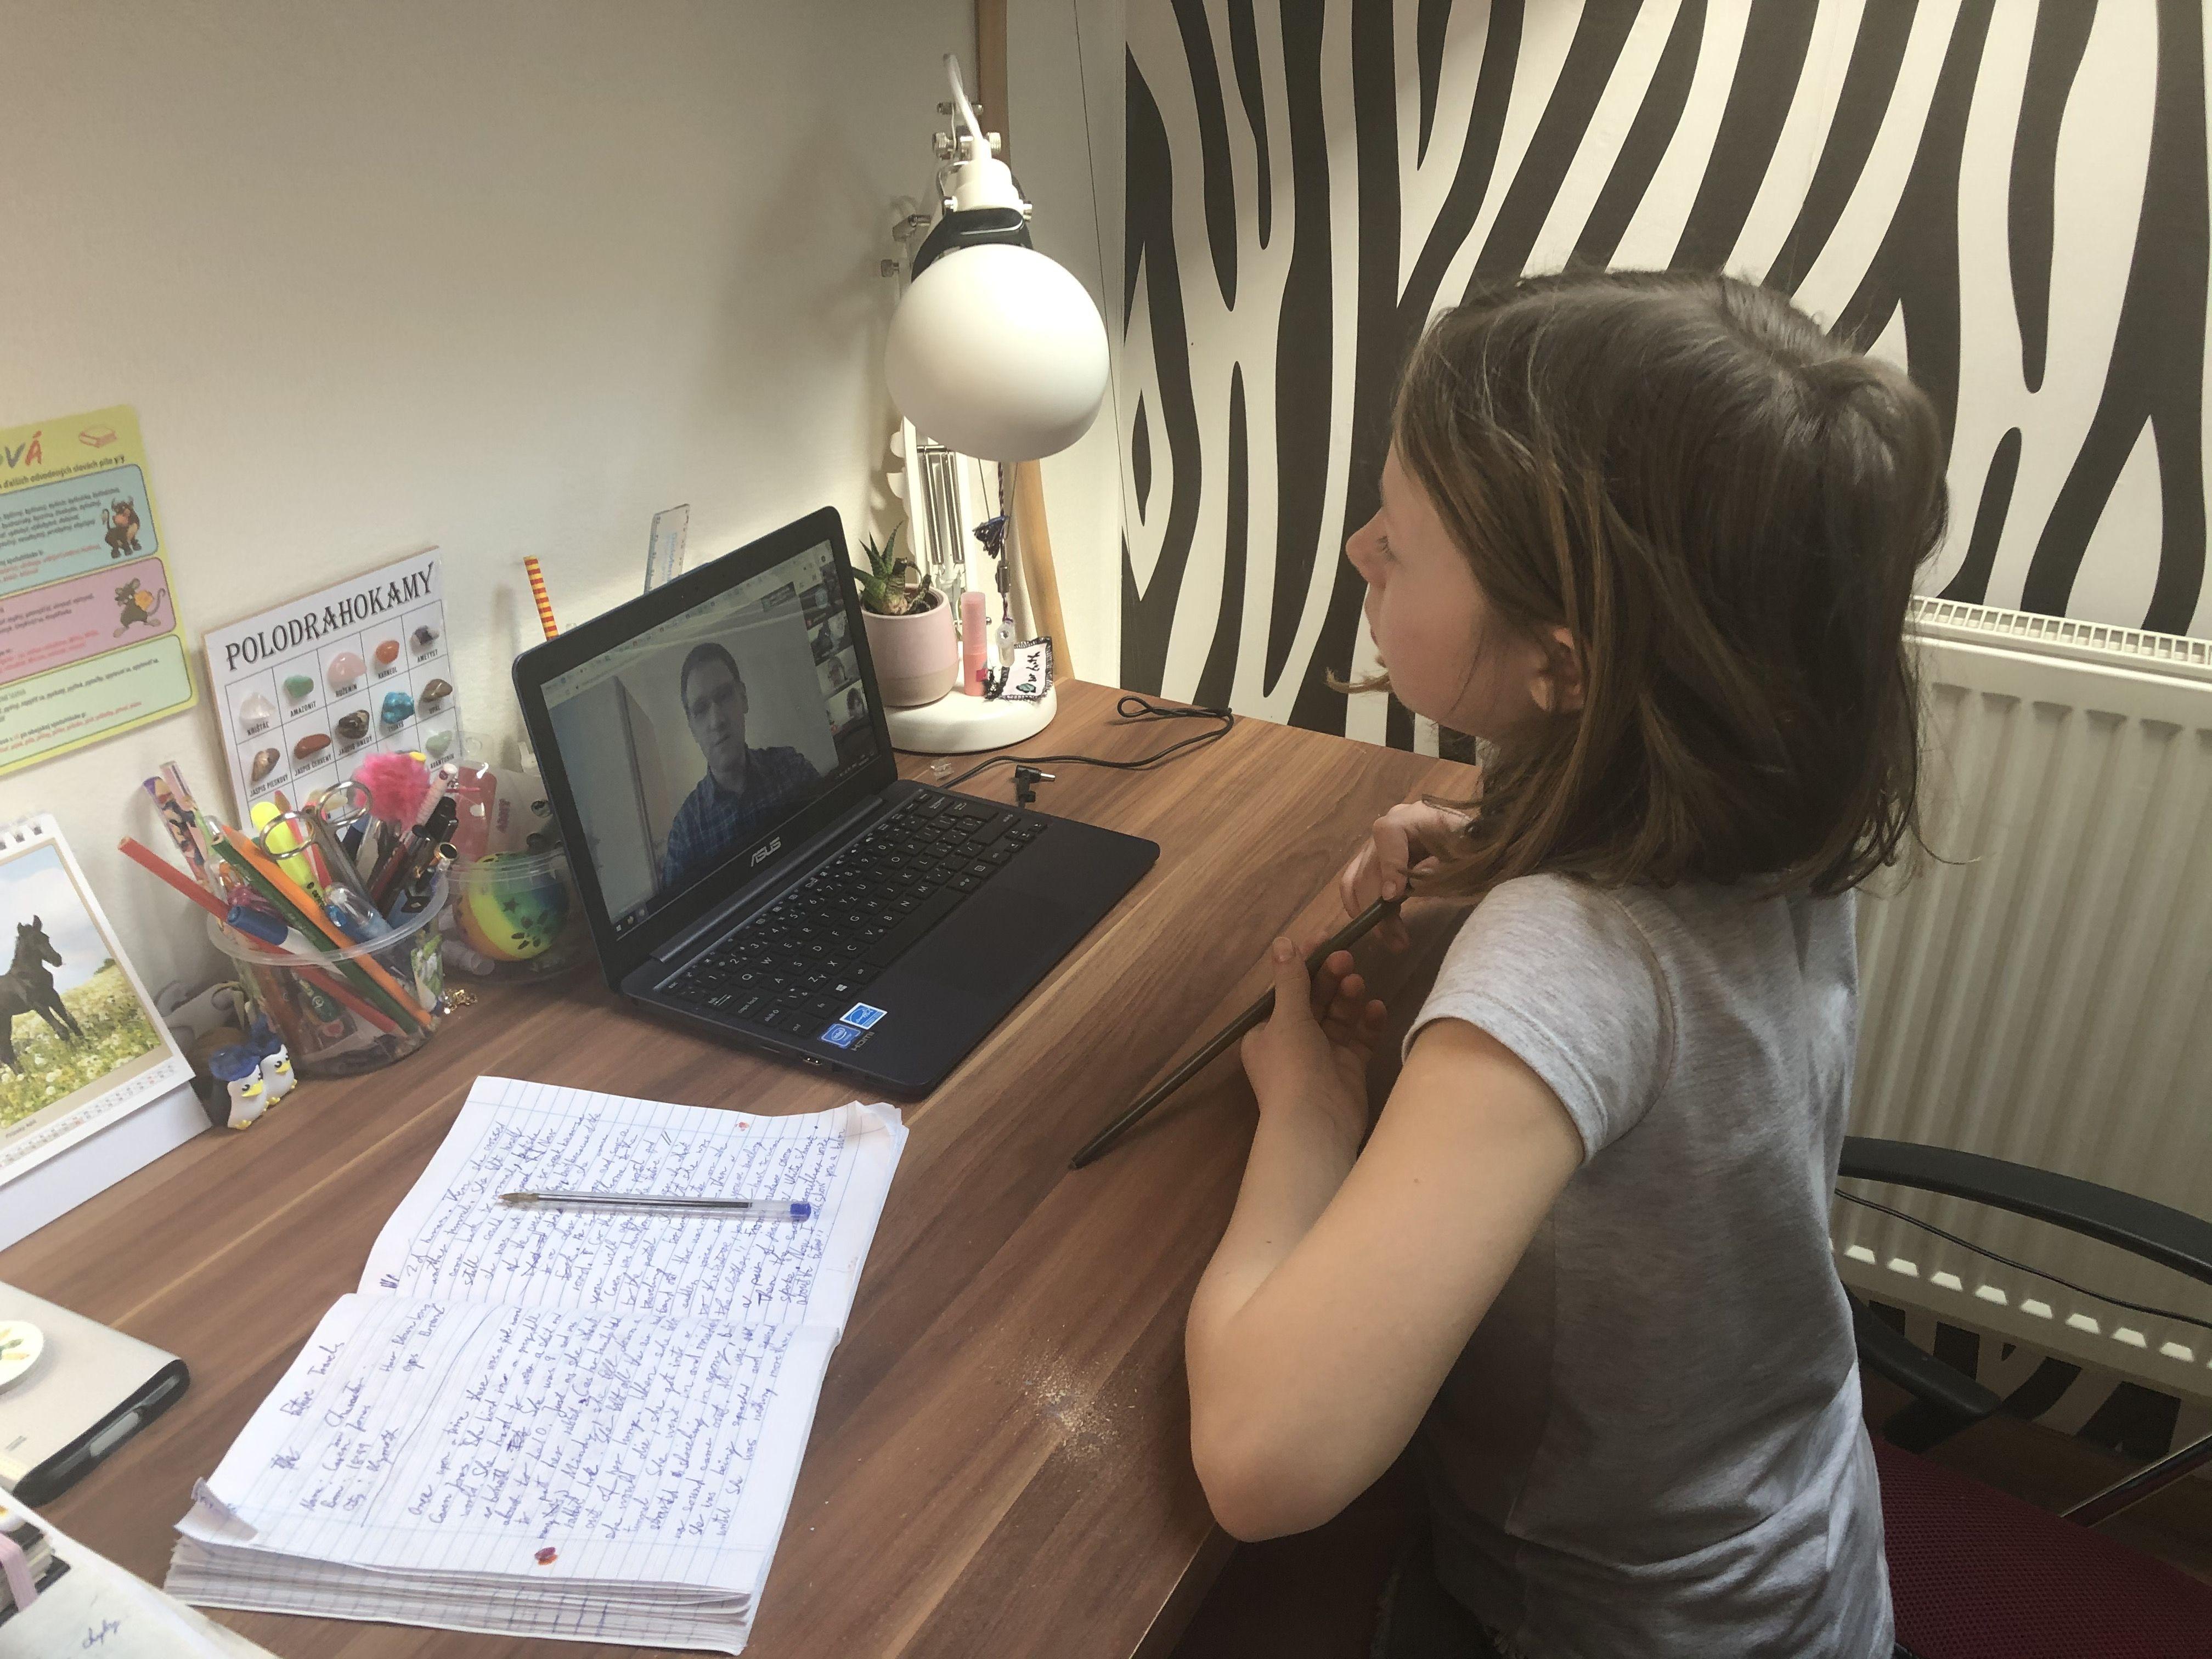 Riaditeľka bratislavskej škôlky a školy: Dnešné online vyučovanie sa môže stať našou realitou opakovane a treba sa na to pripraviť